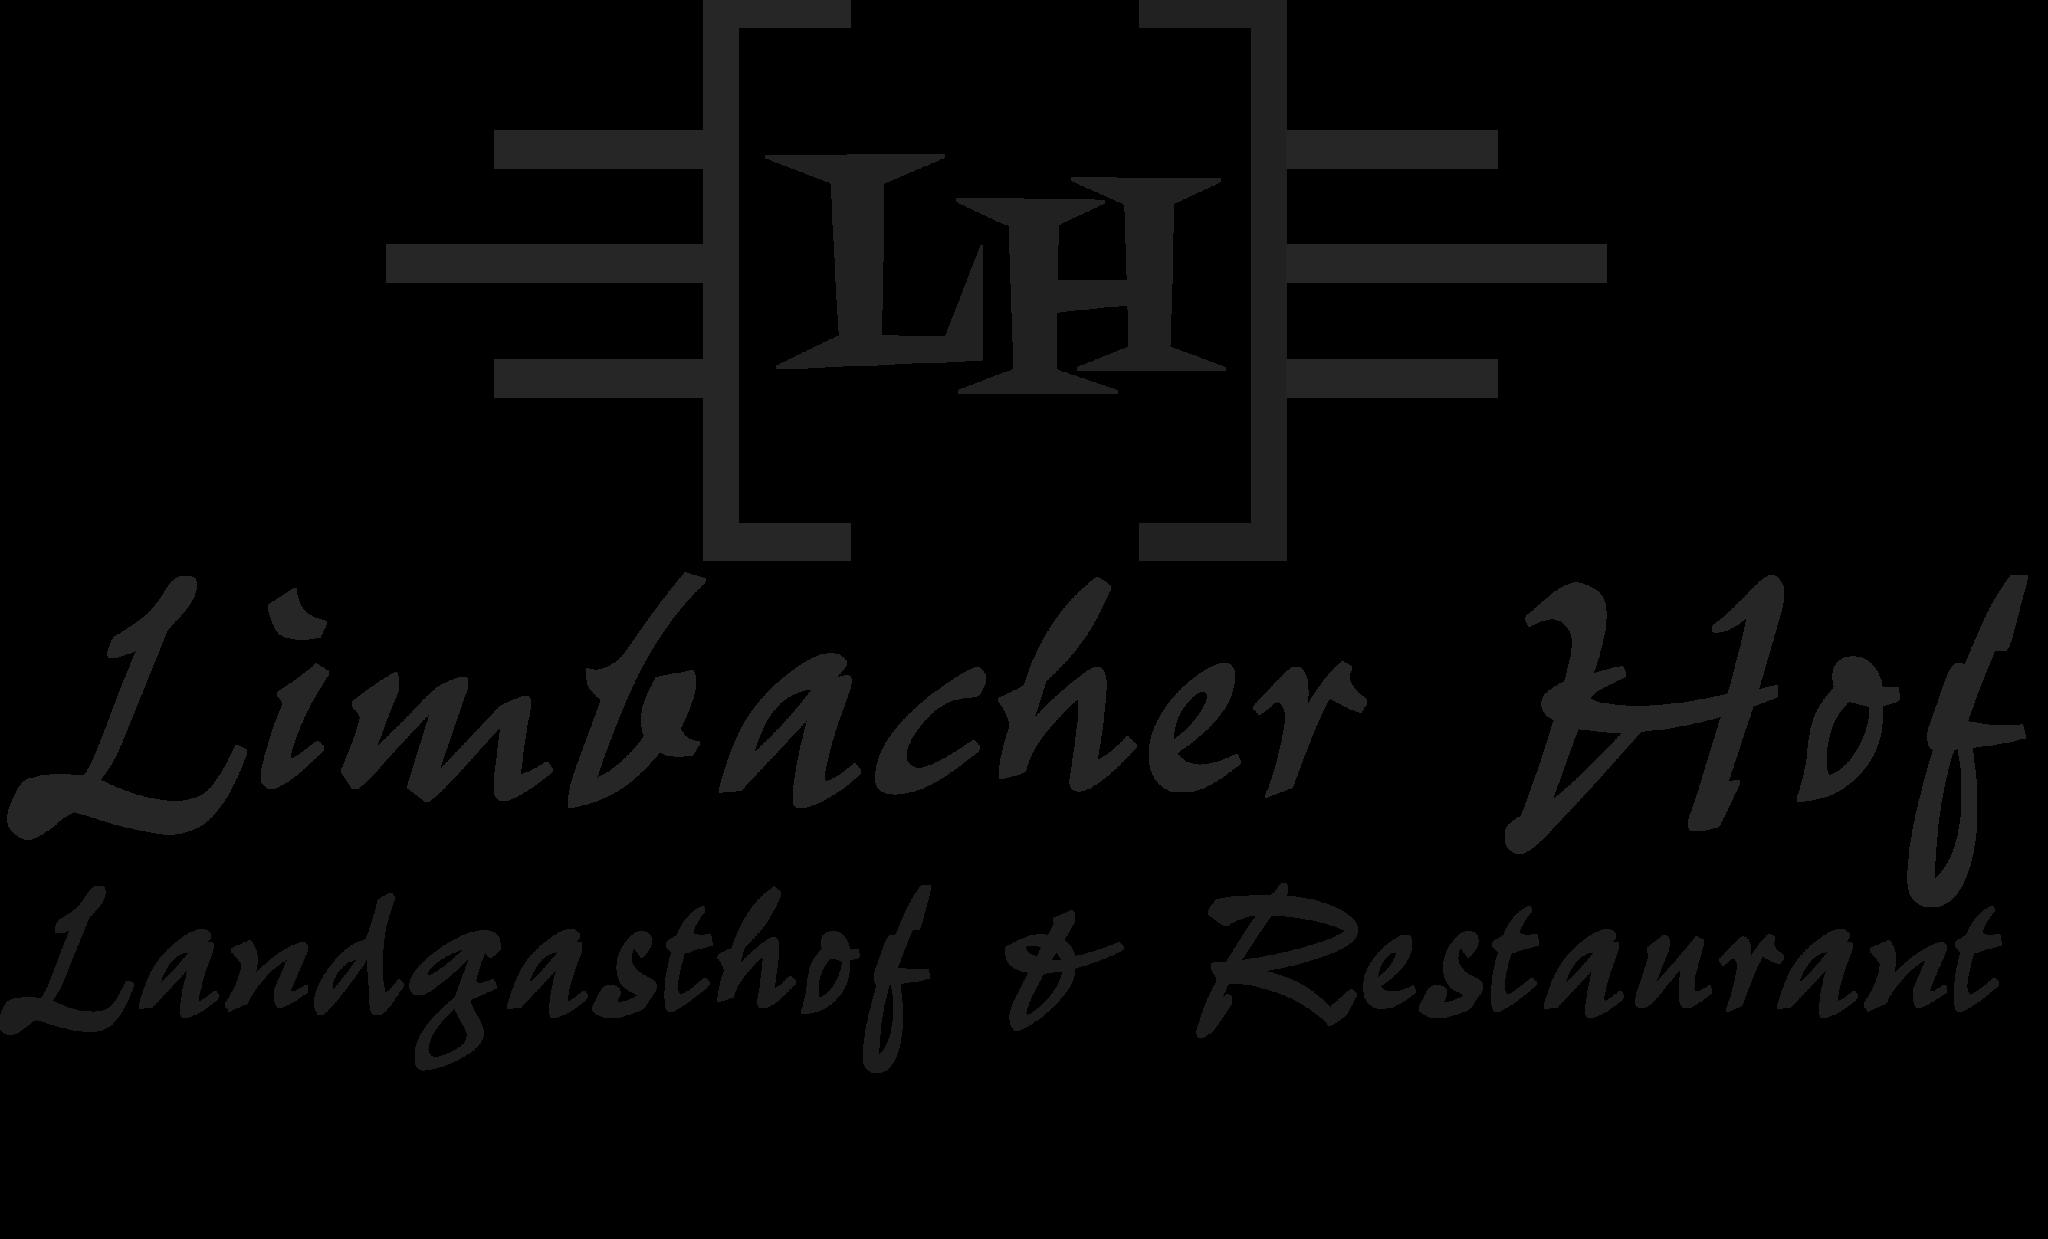 林巴契哈维兰德加斯托夫餐厅酒店